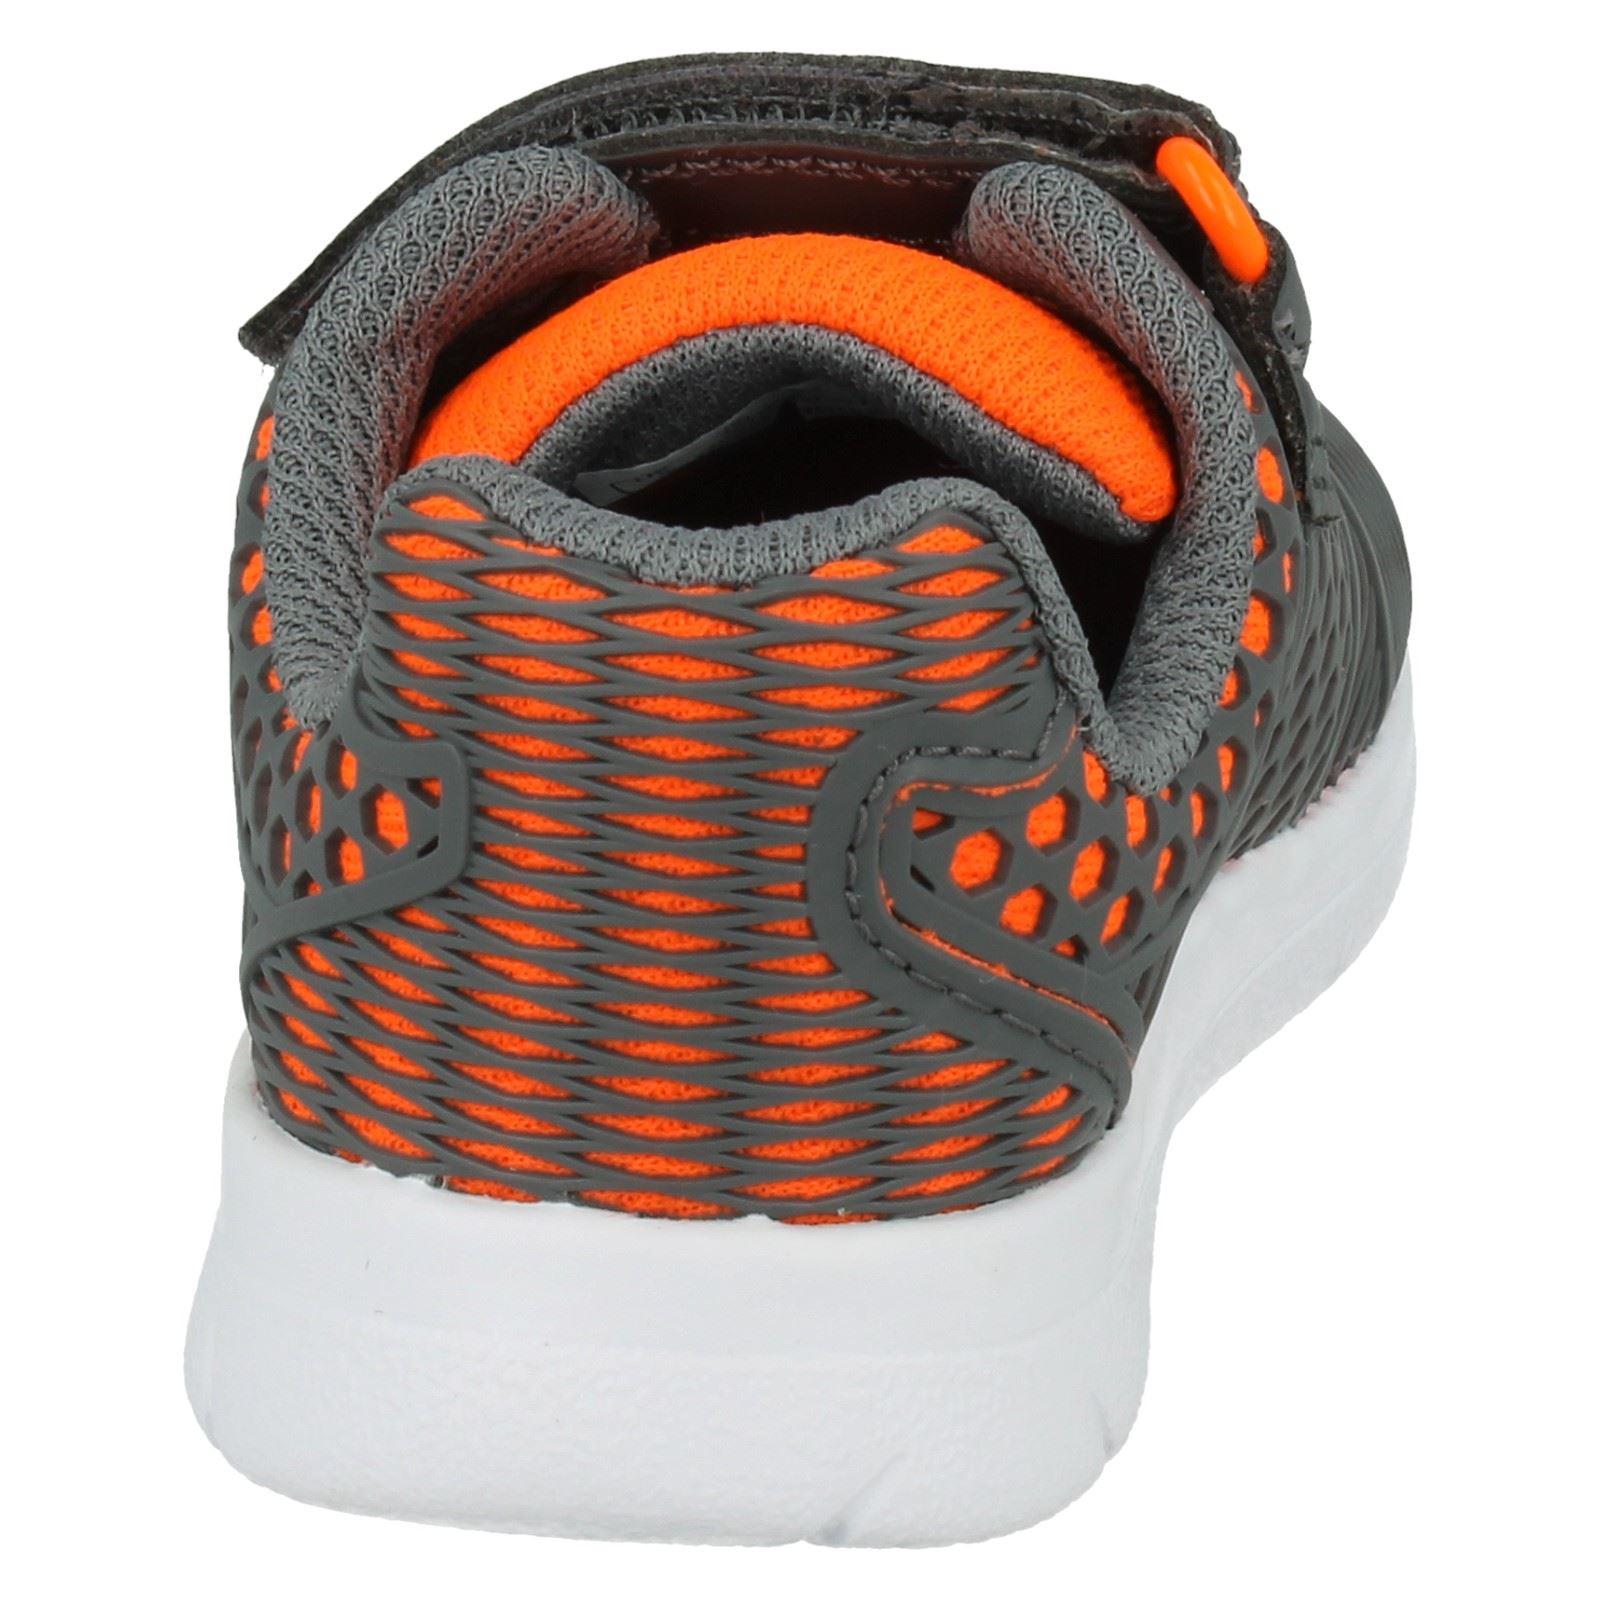 Chicos Clarks Zapatos primero el estilo-Ath Lane